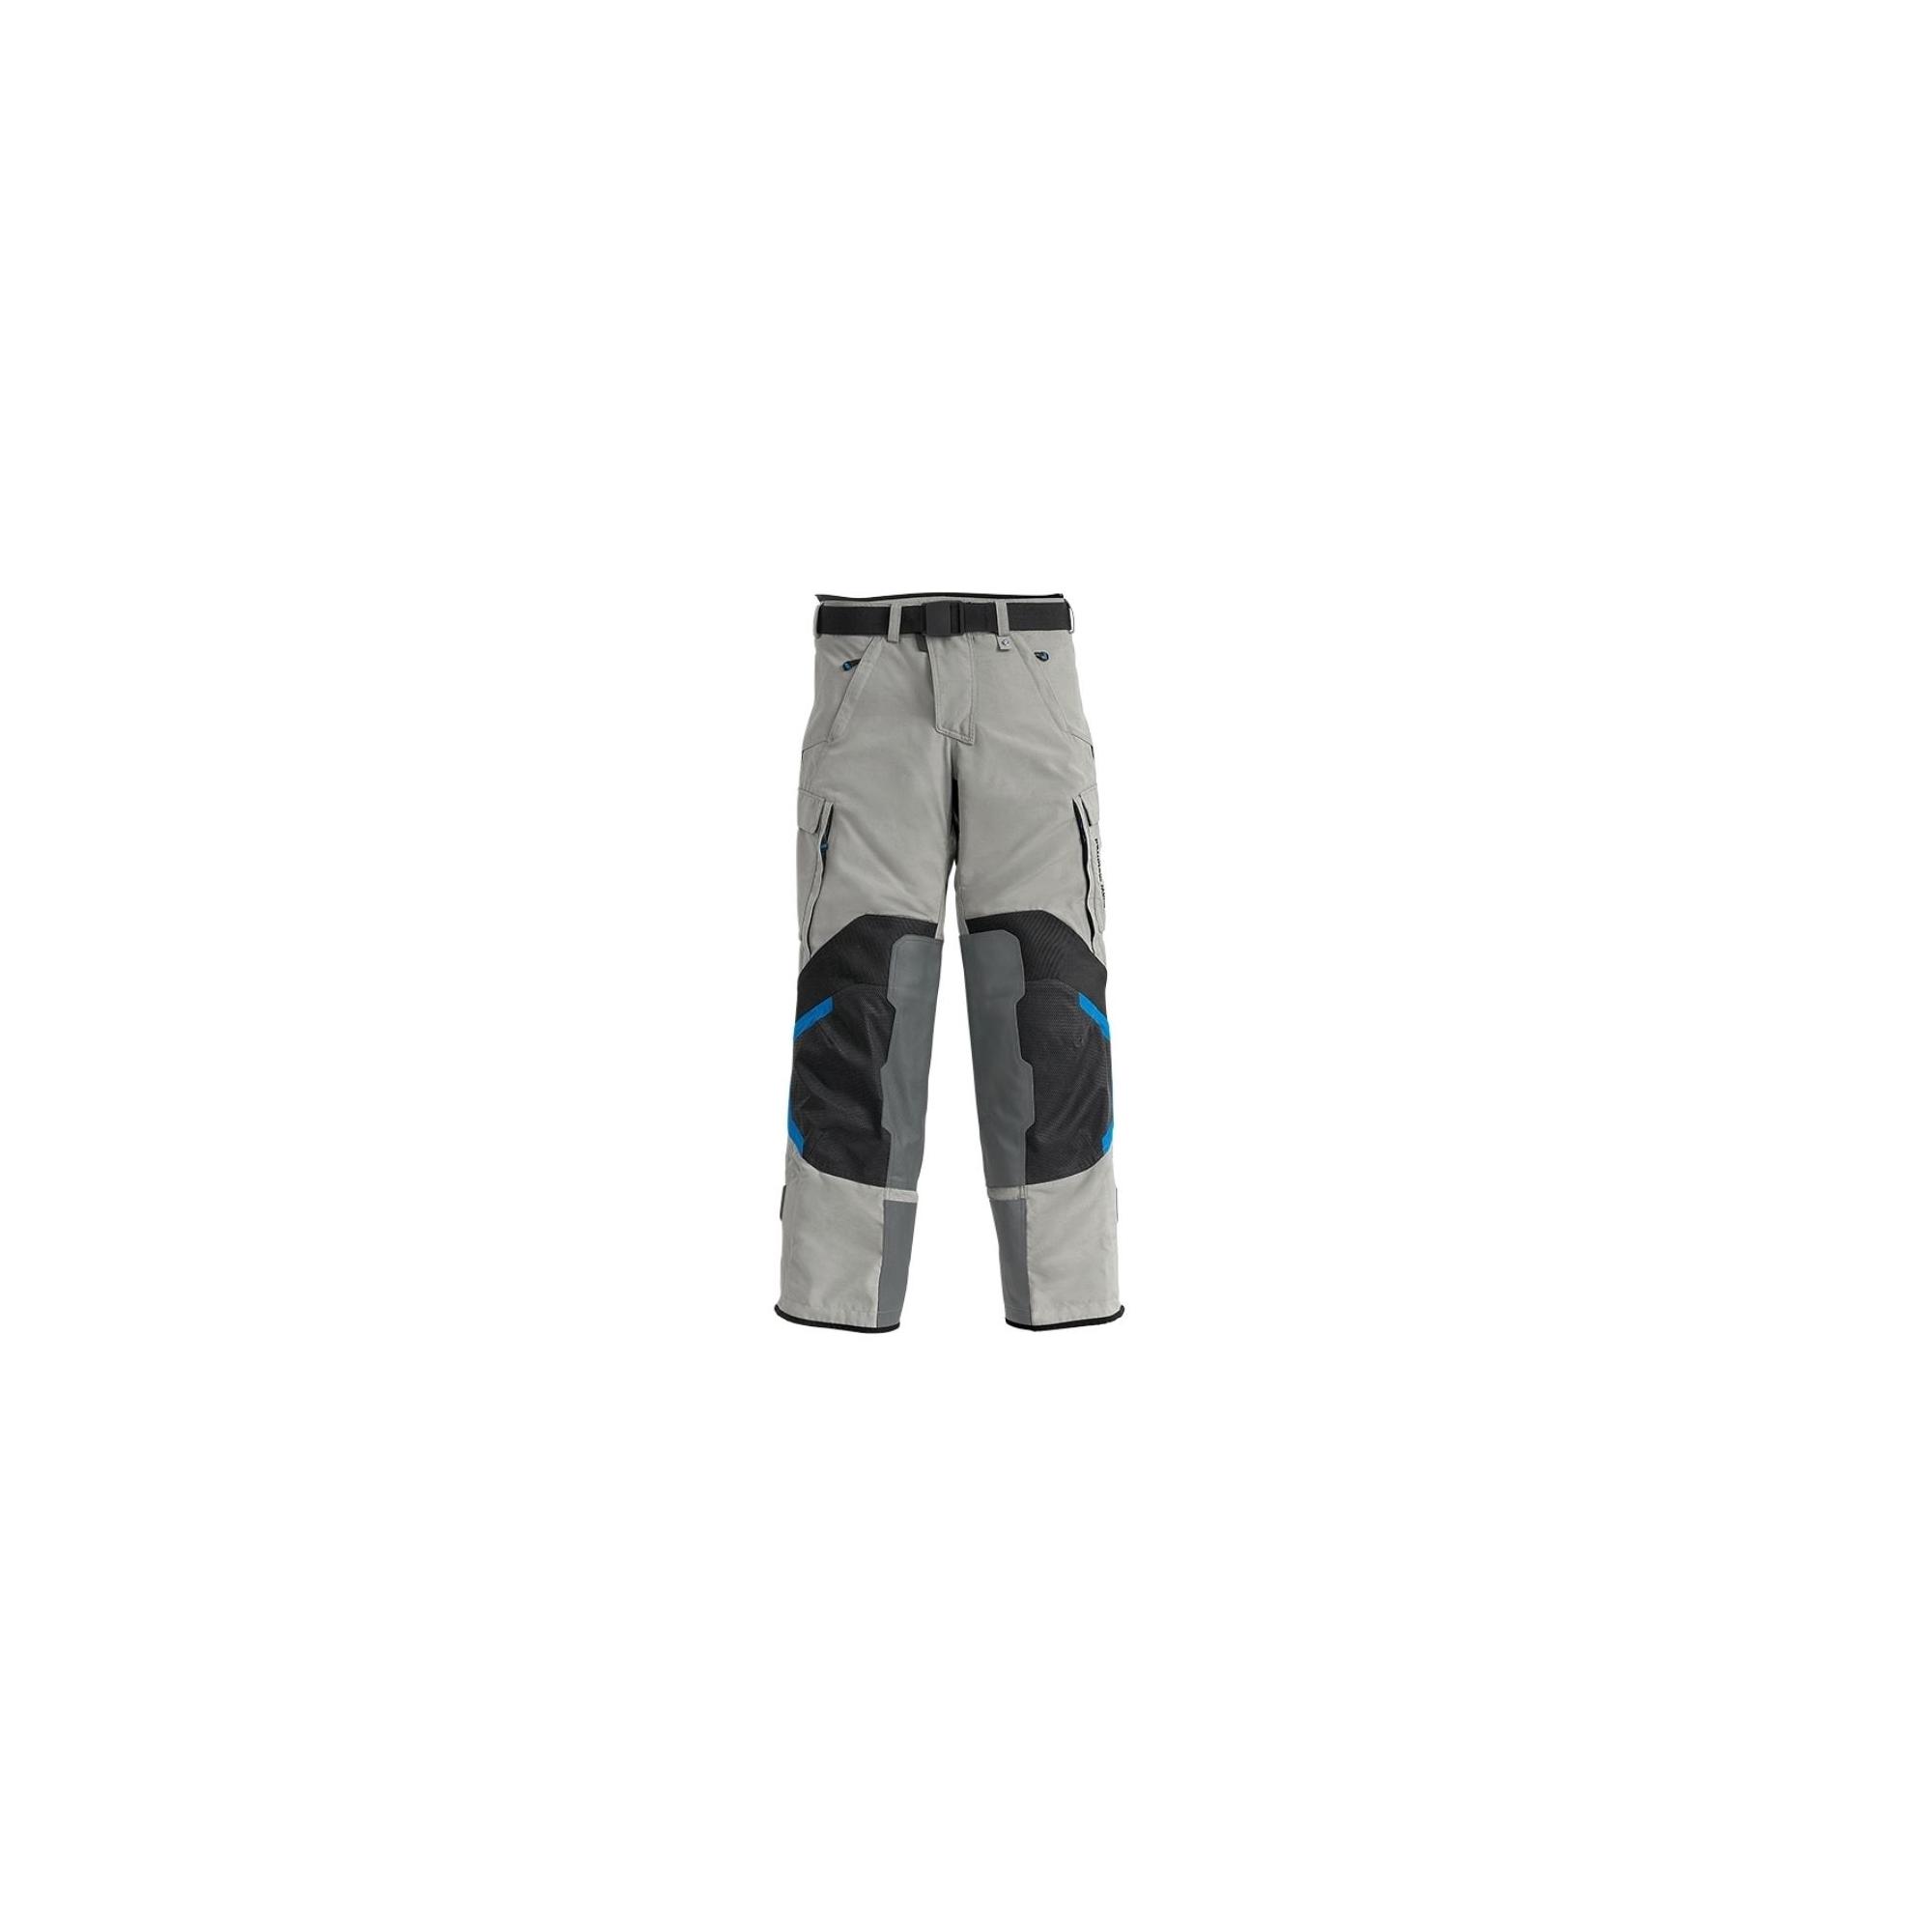 Pantalón de moto Rallye Gris/Azul Hombre